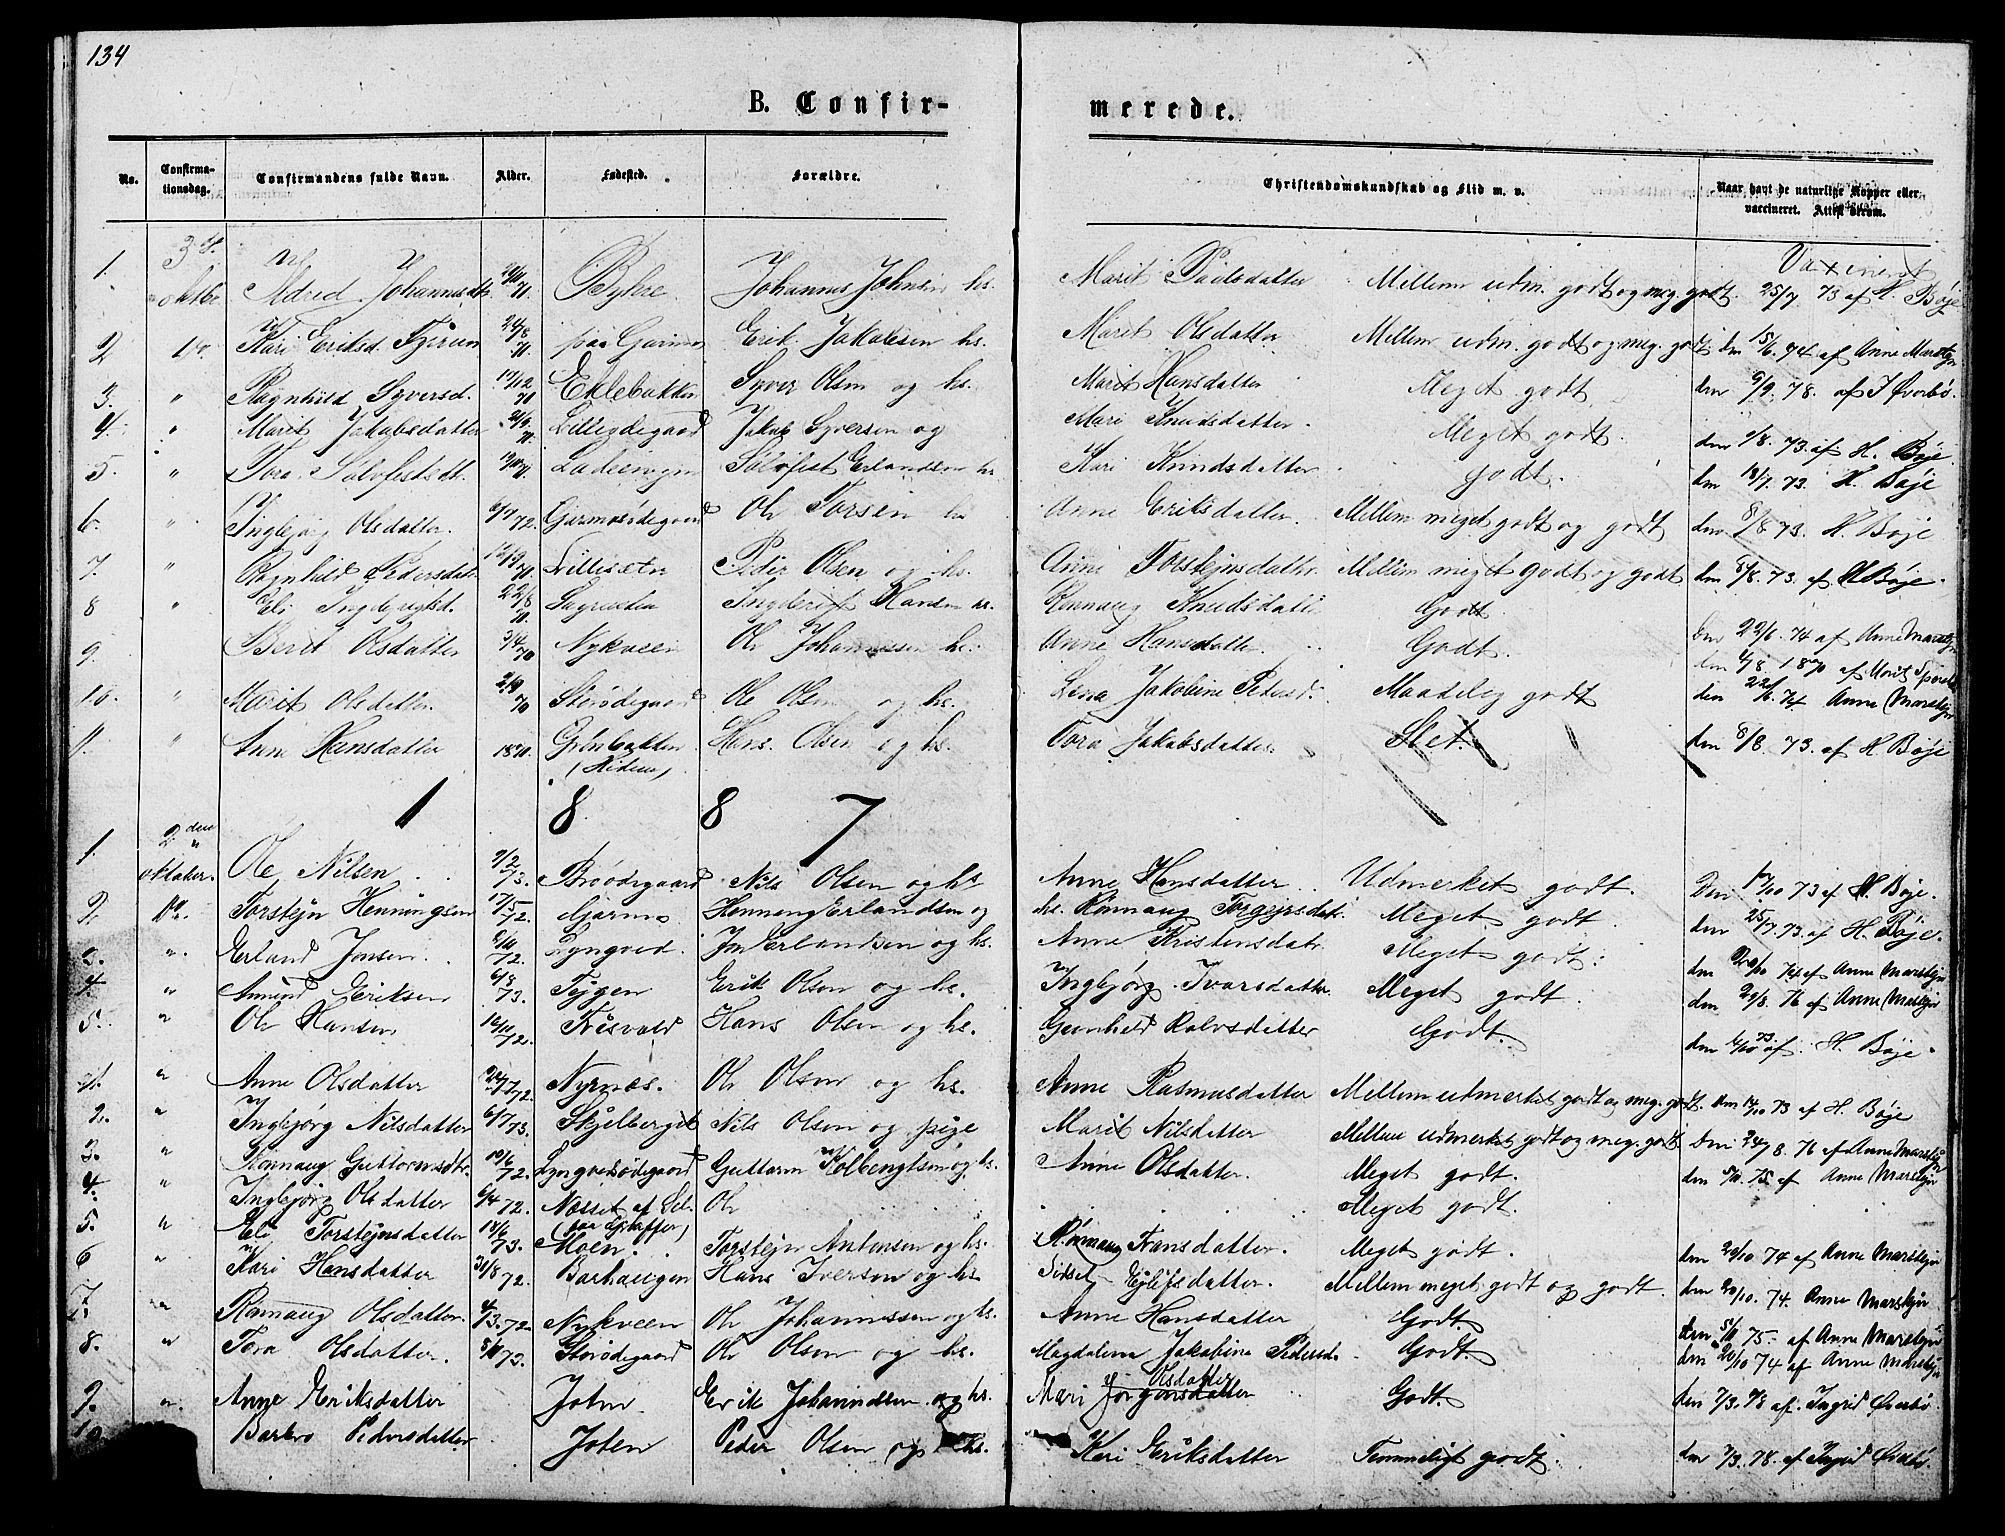 SAH, Lom prestekontor, L/L0005: Klokkerbok nr. 5, 1876-1901, s. 134-135